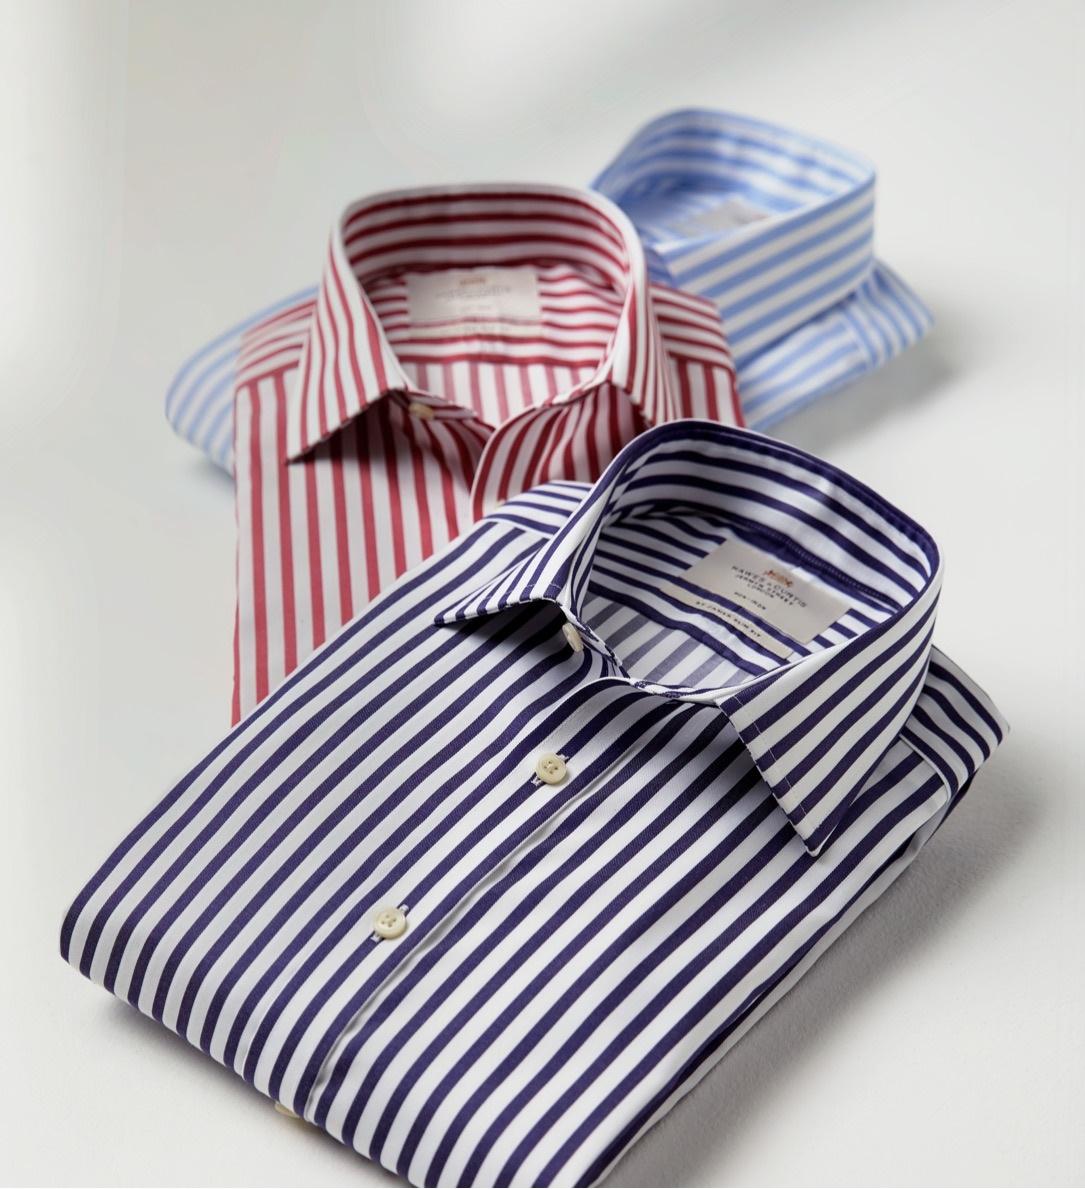 Hemden für Arbeit und Freizeit von Hawes & Curtis.